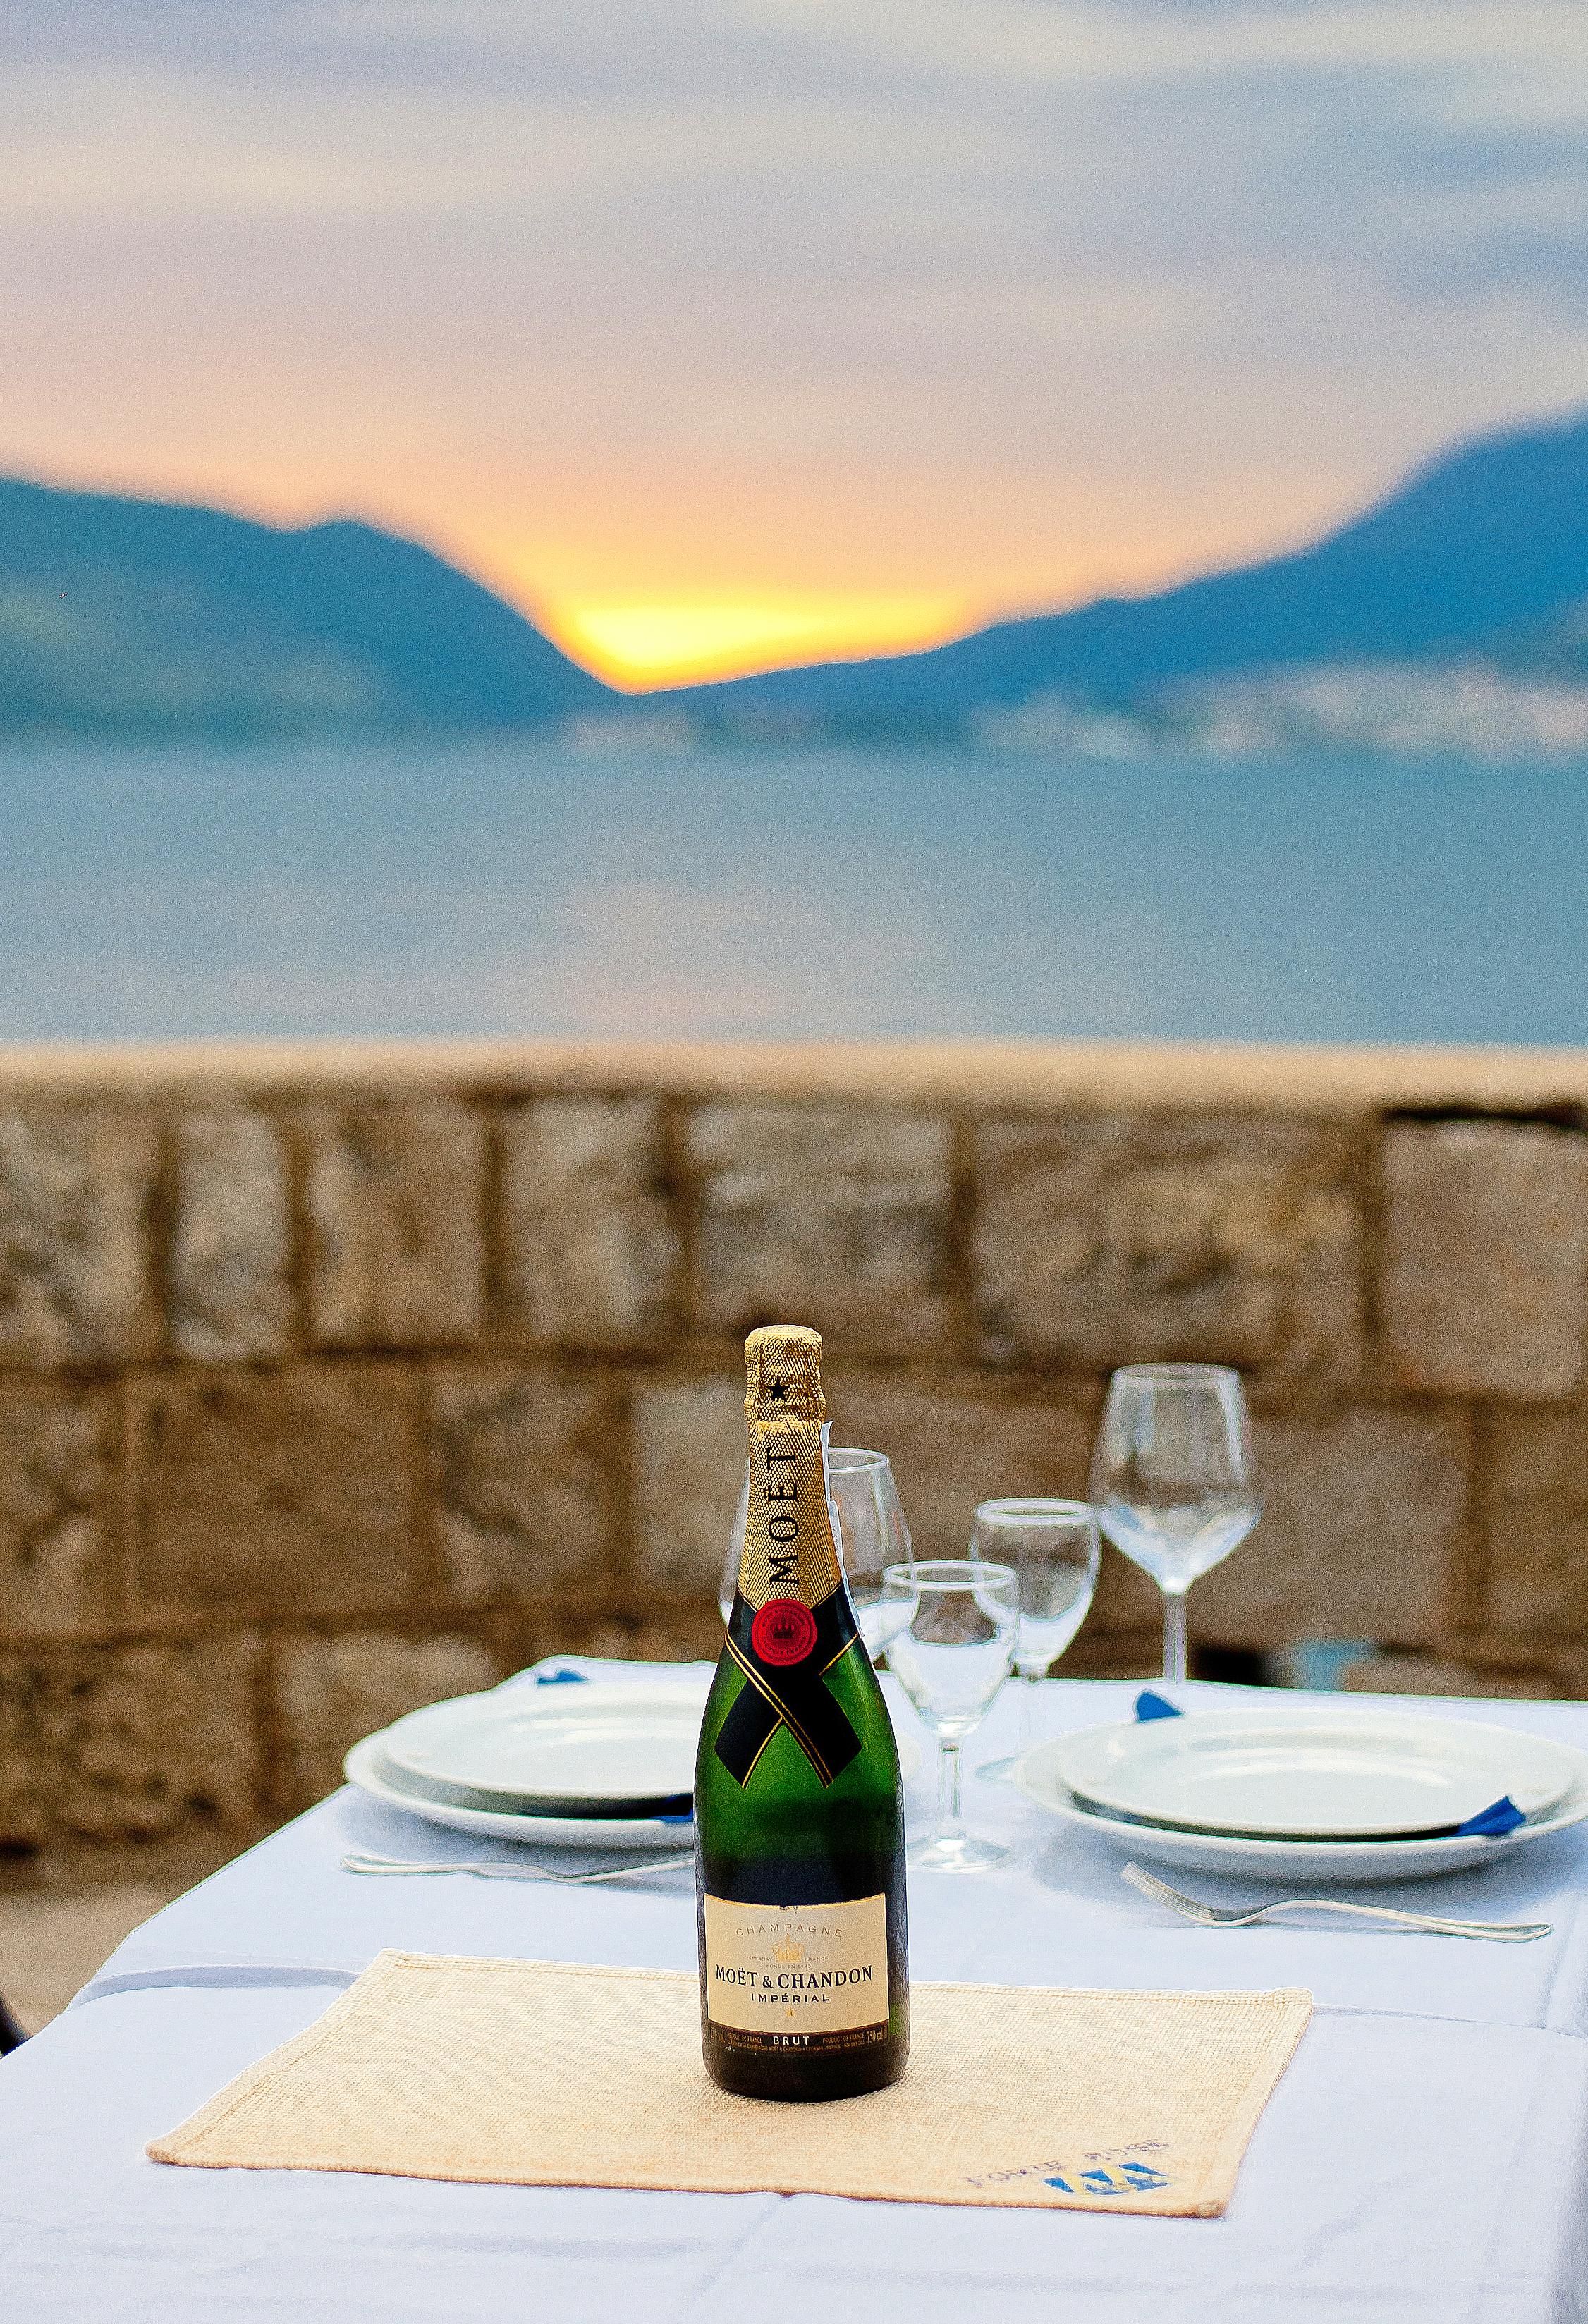 vacances au montenegro Le Monténégro - WordPress.com